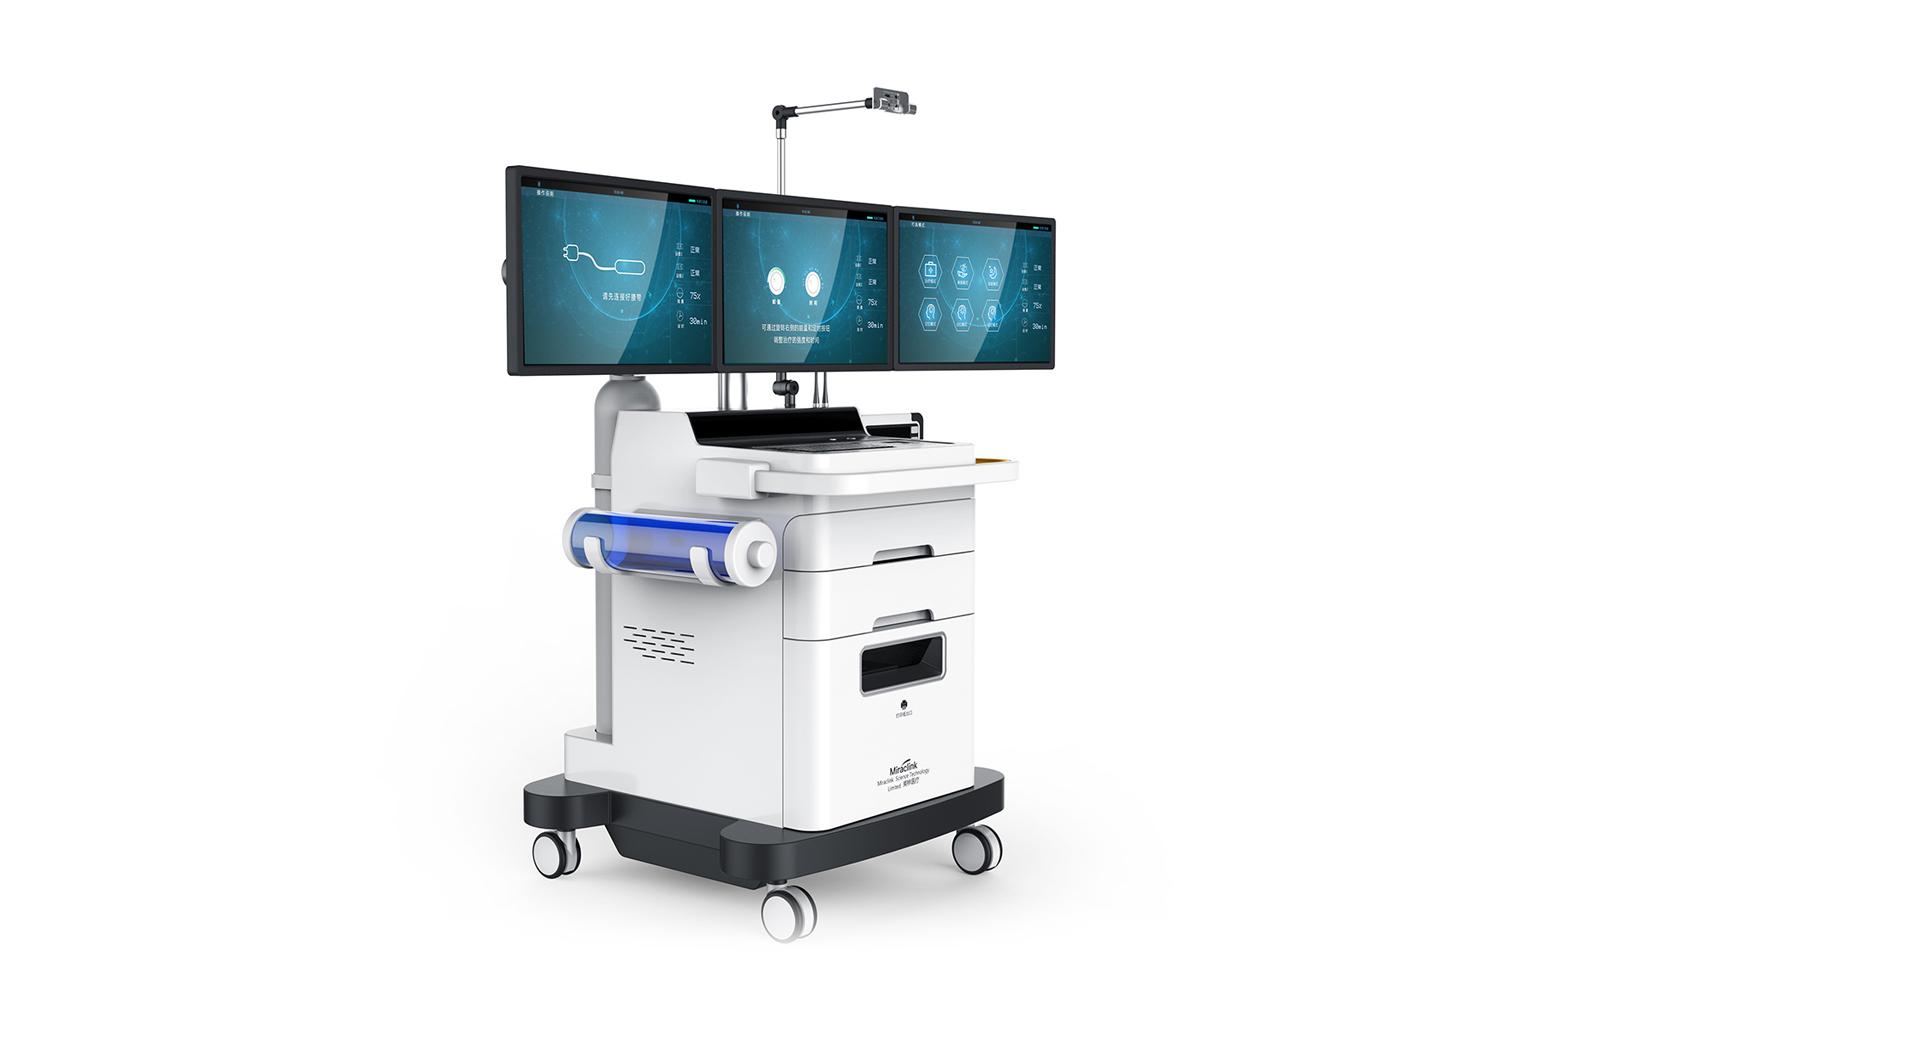 青岛高端医疗器械工业设计公司多年品牌